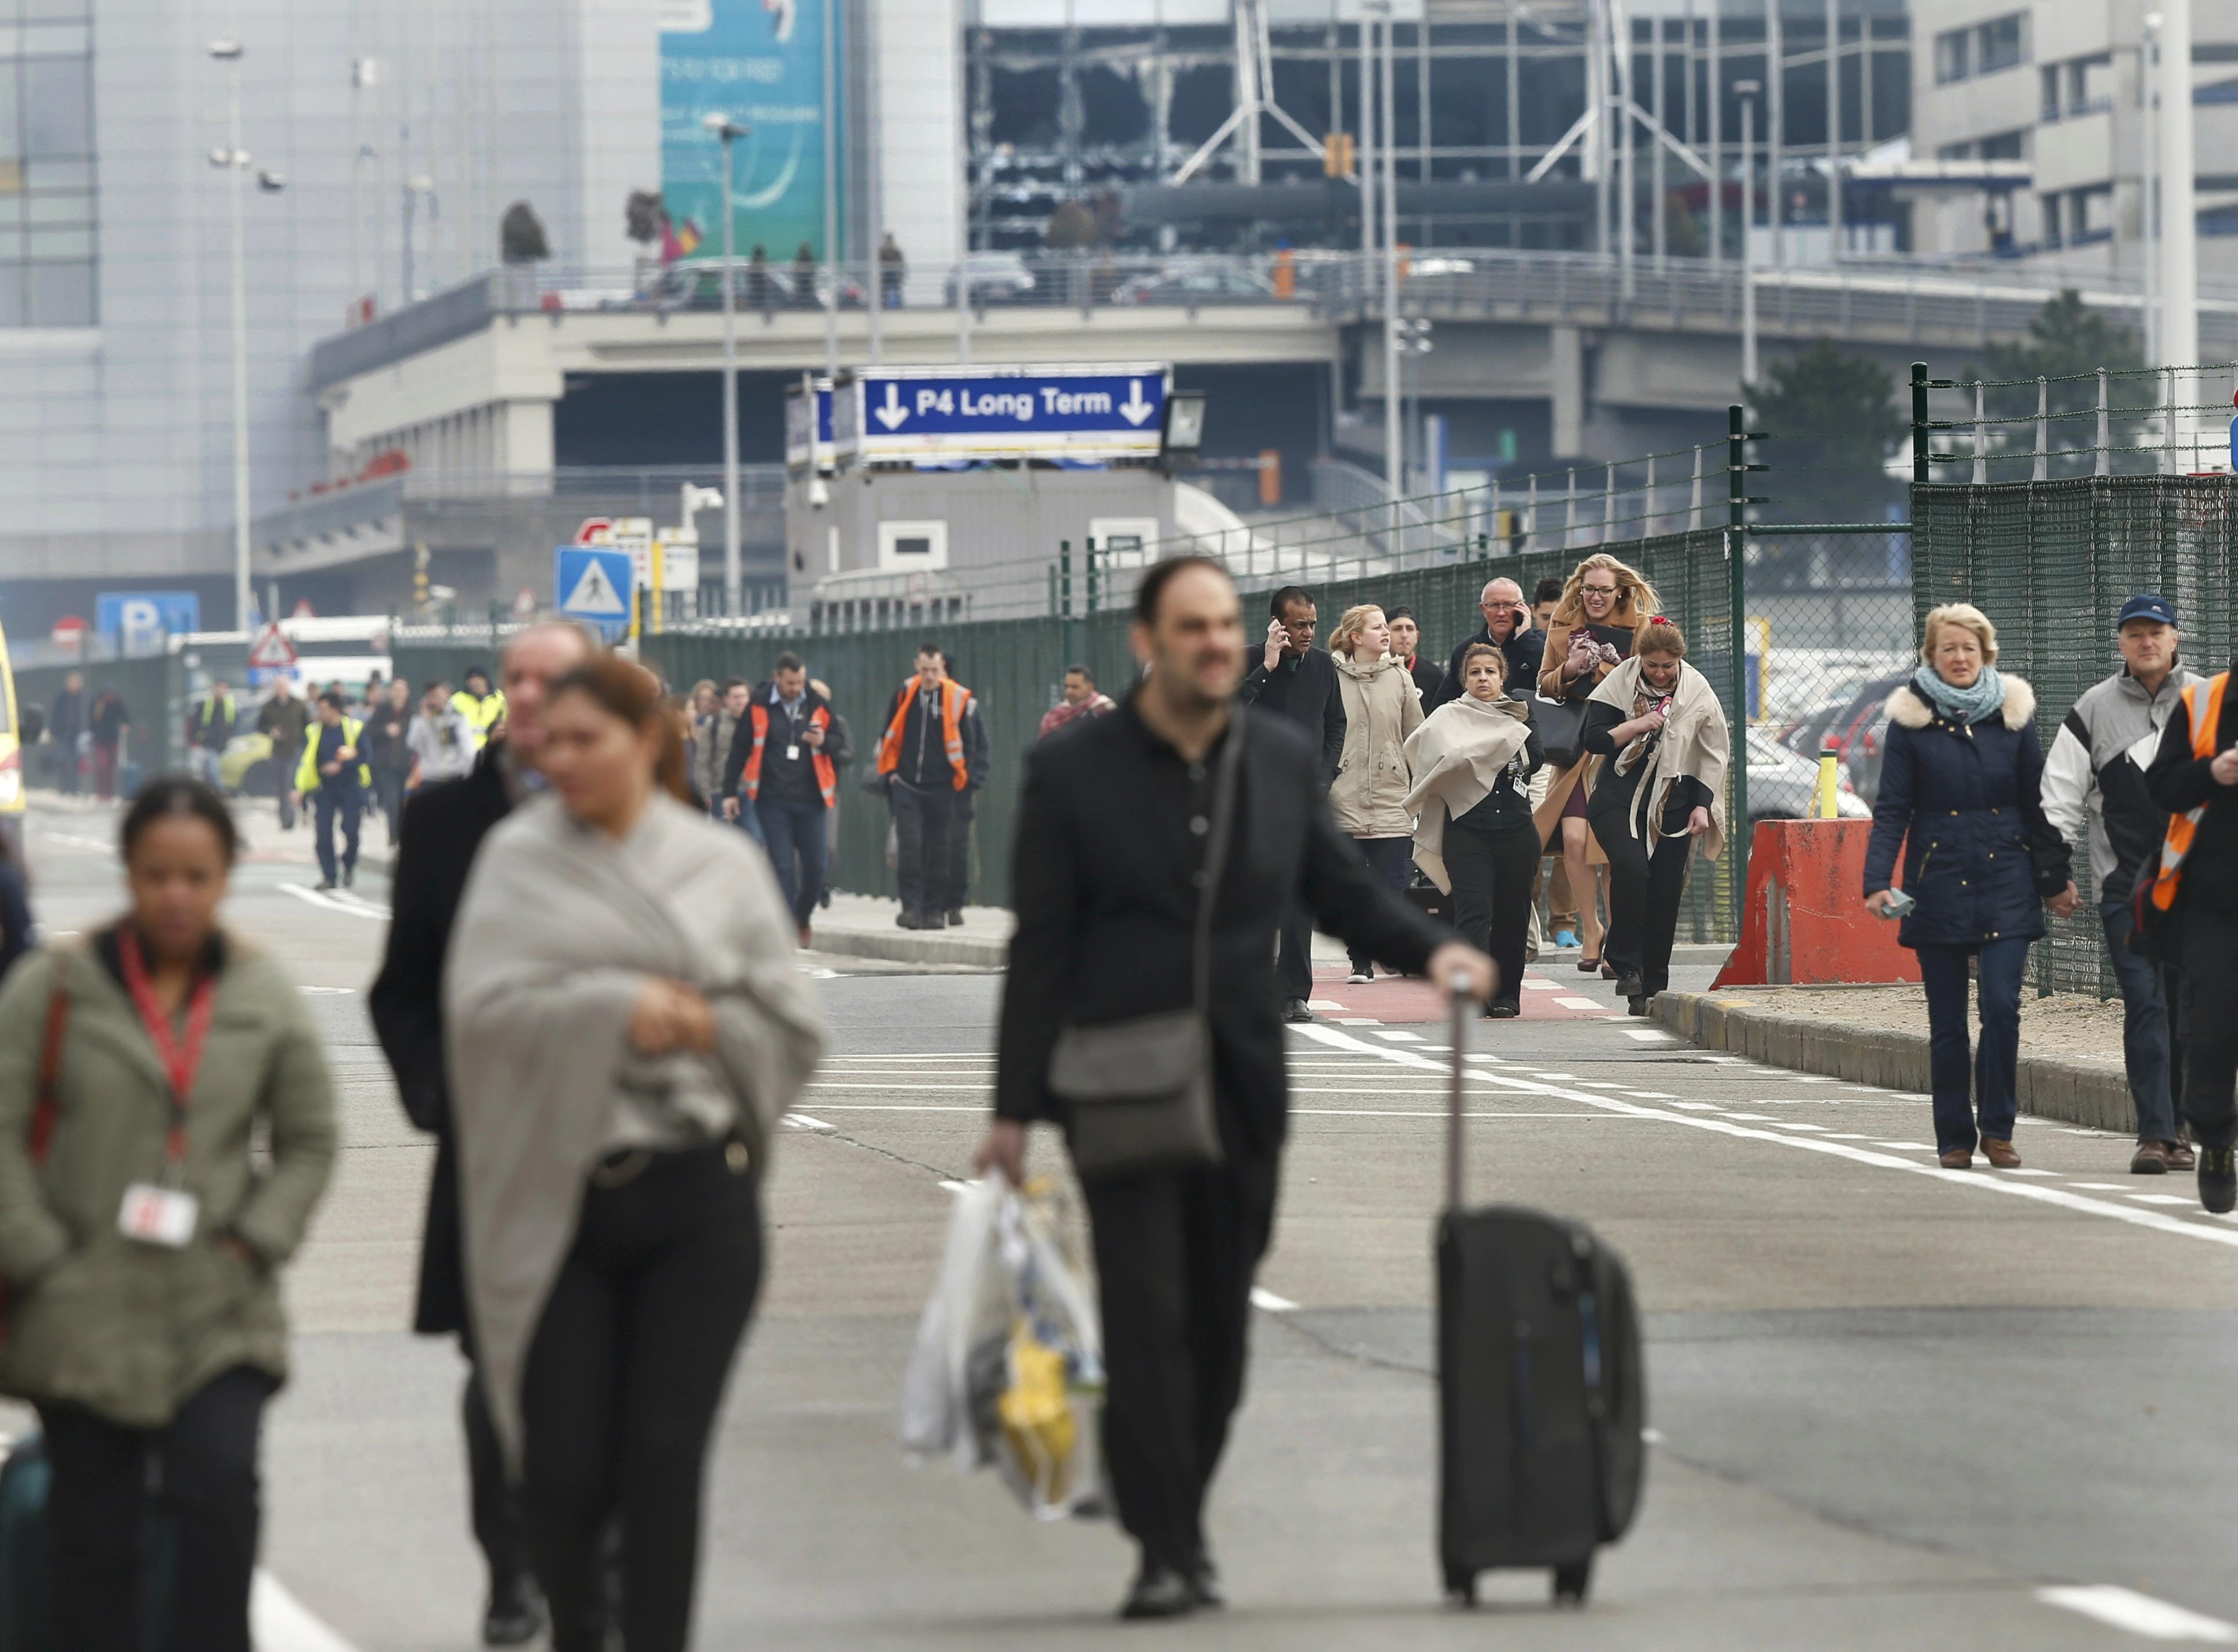 محطة مترو مالبيك في بروكسل تفتح من جديد